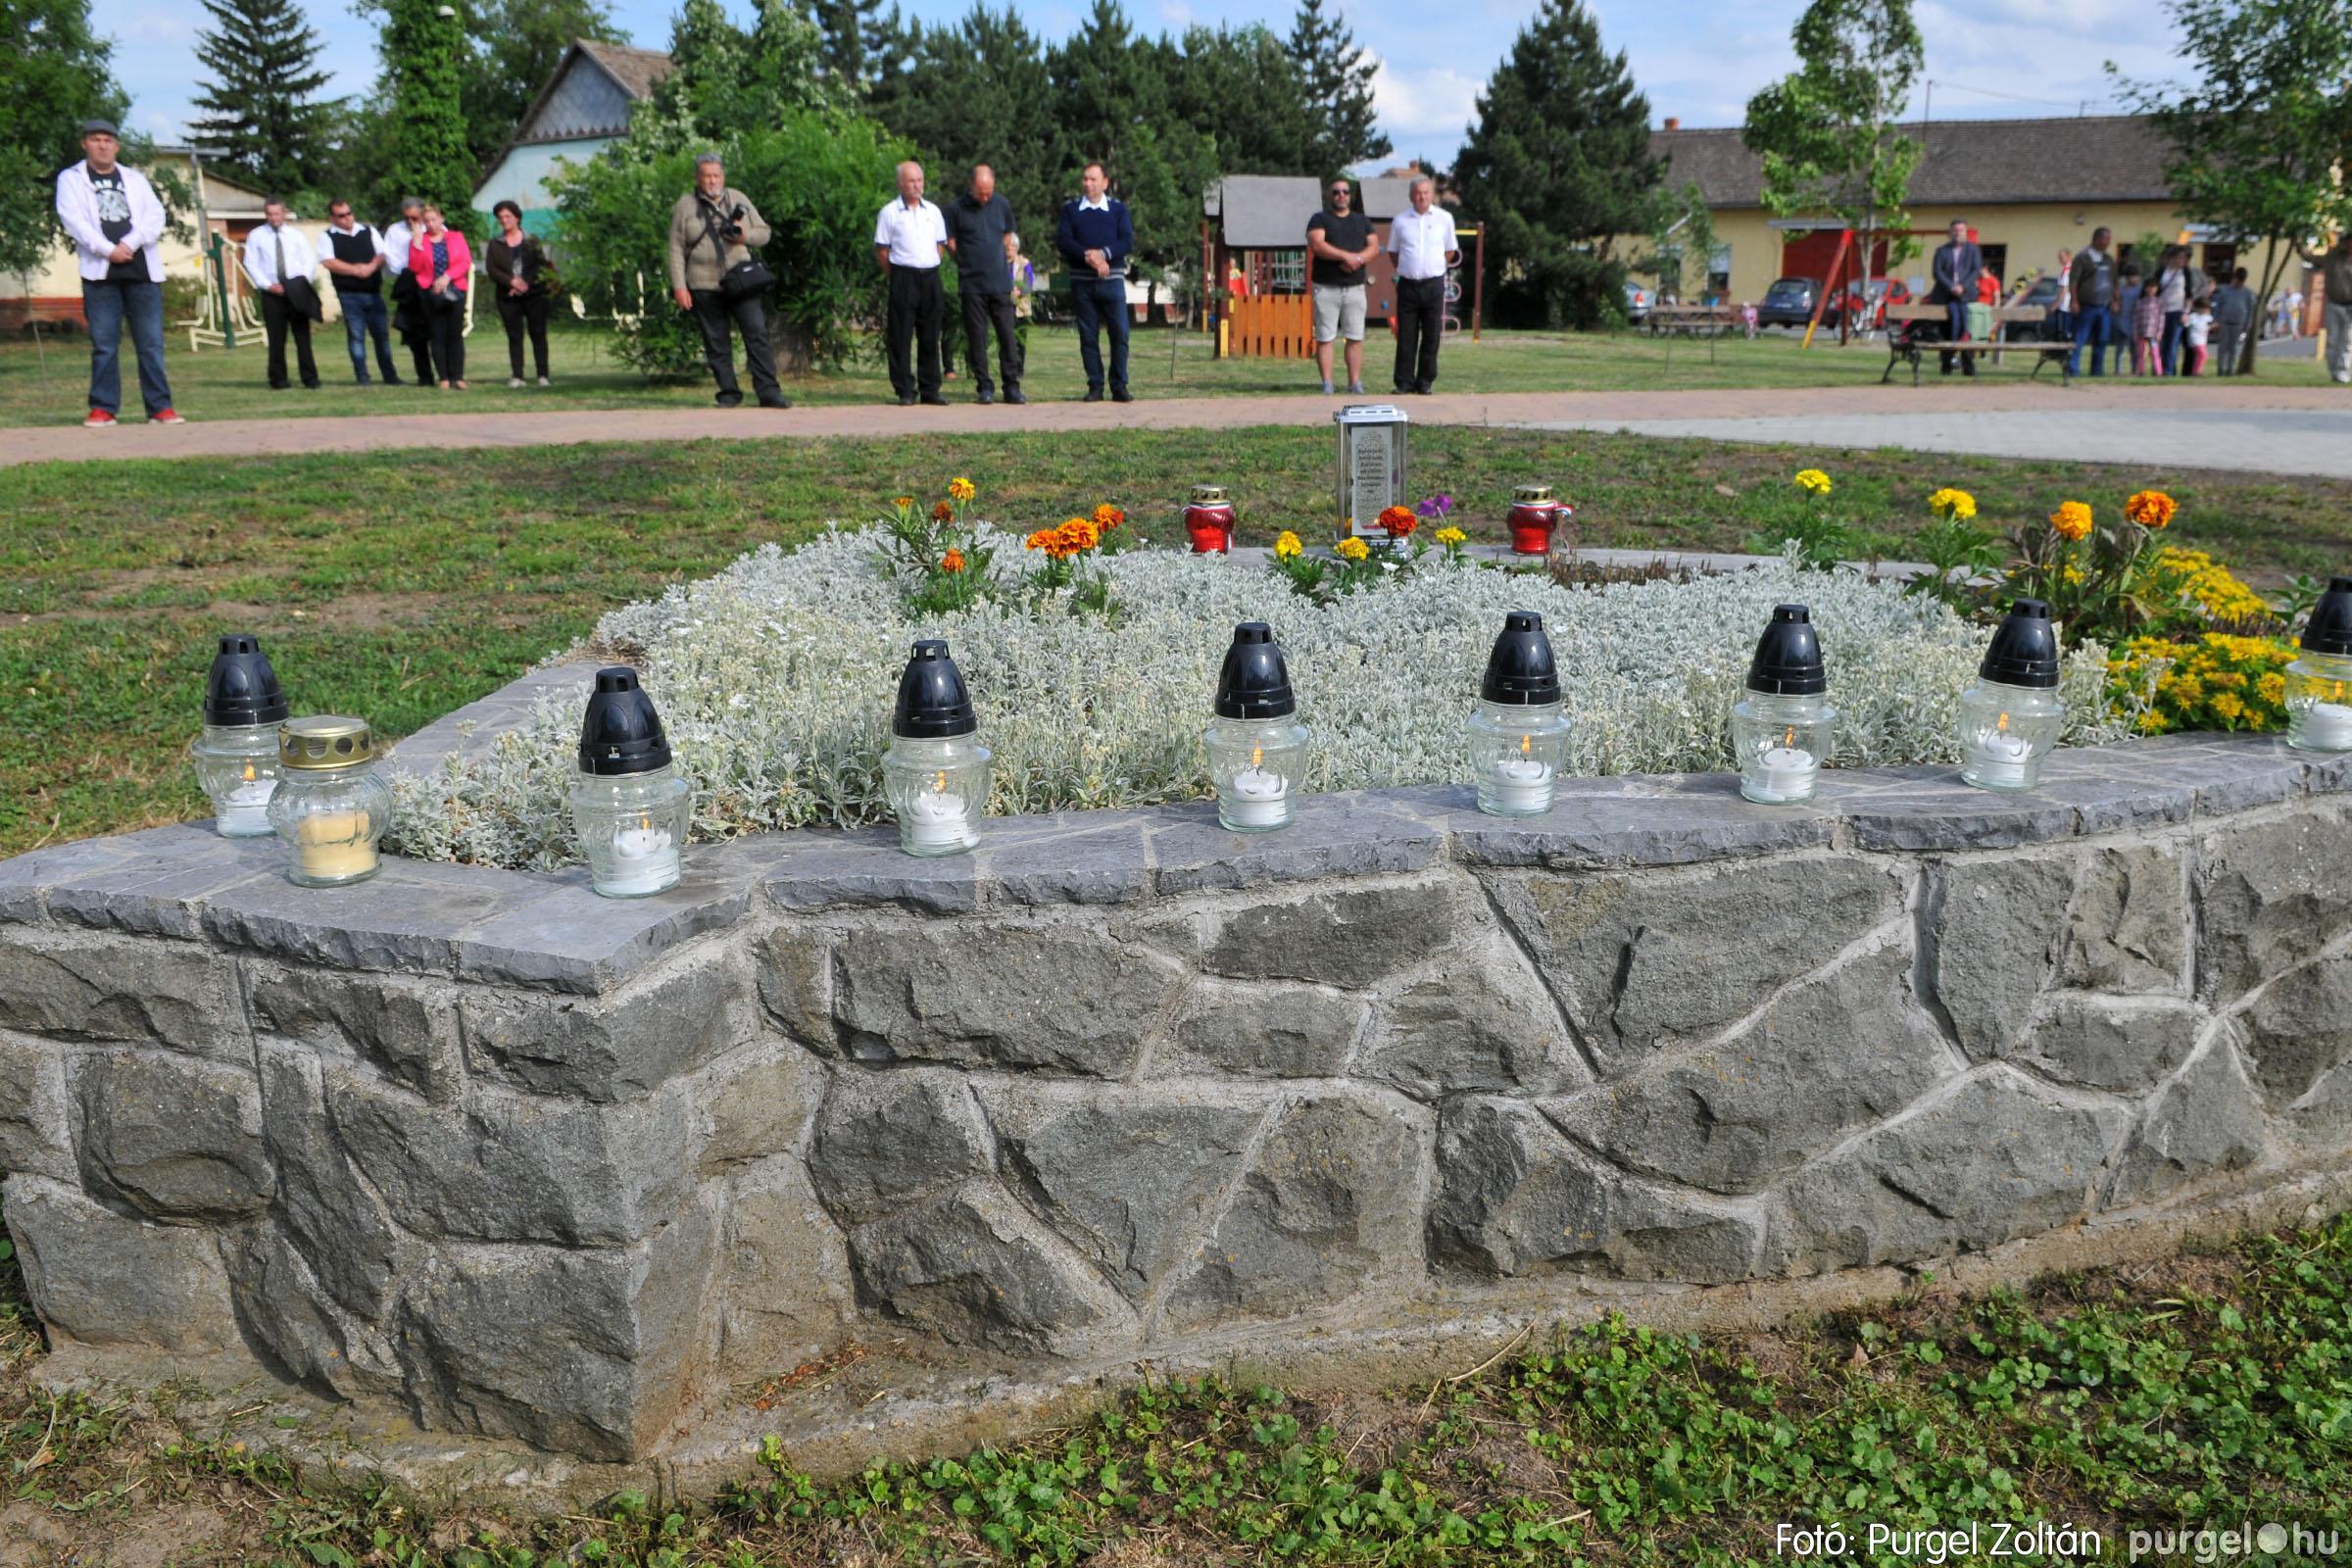 2020.06.04. 031 Trianon 100. évforduló, megemlékezés - Fotó: Purgel Zoltán© - D3K_7305q.jpg